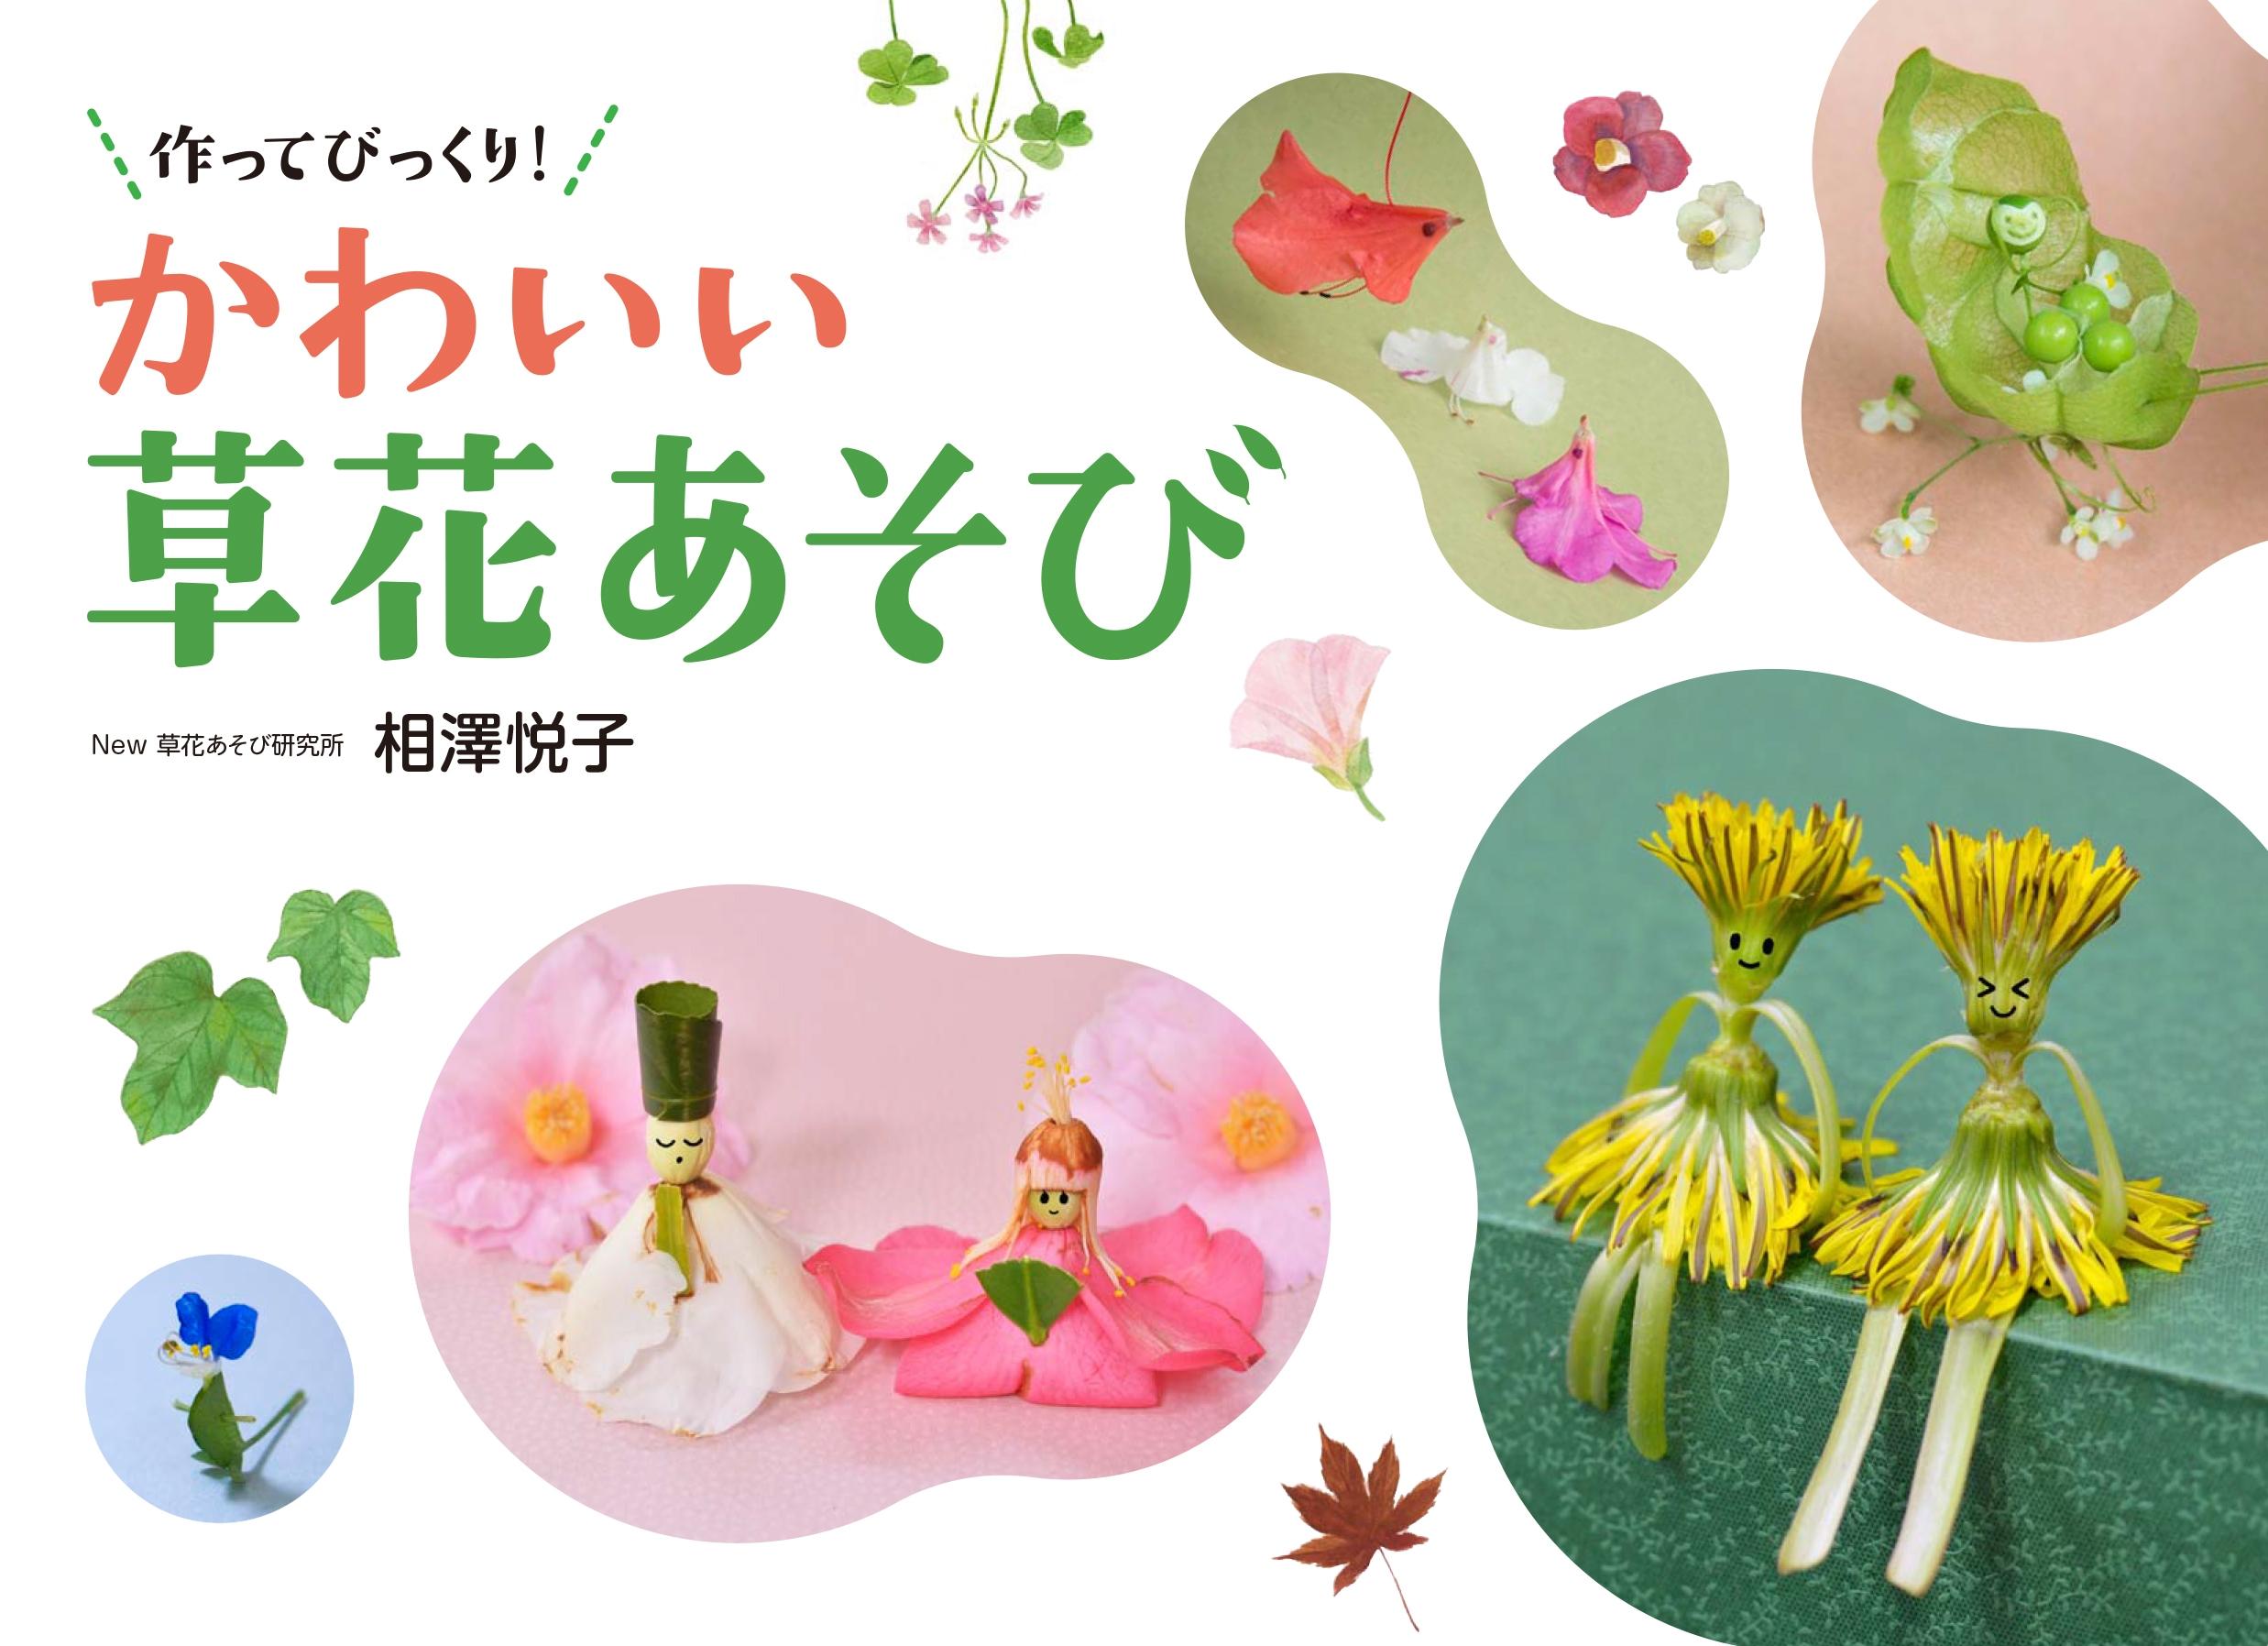 作ってびっくり!かわいい草花あそび